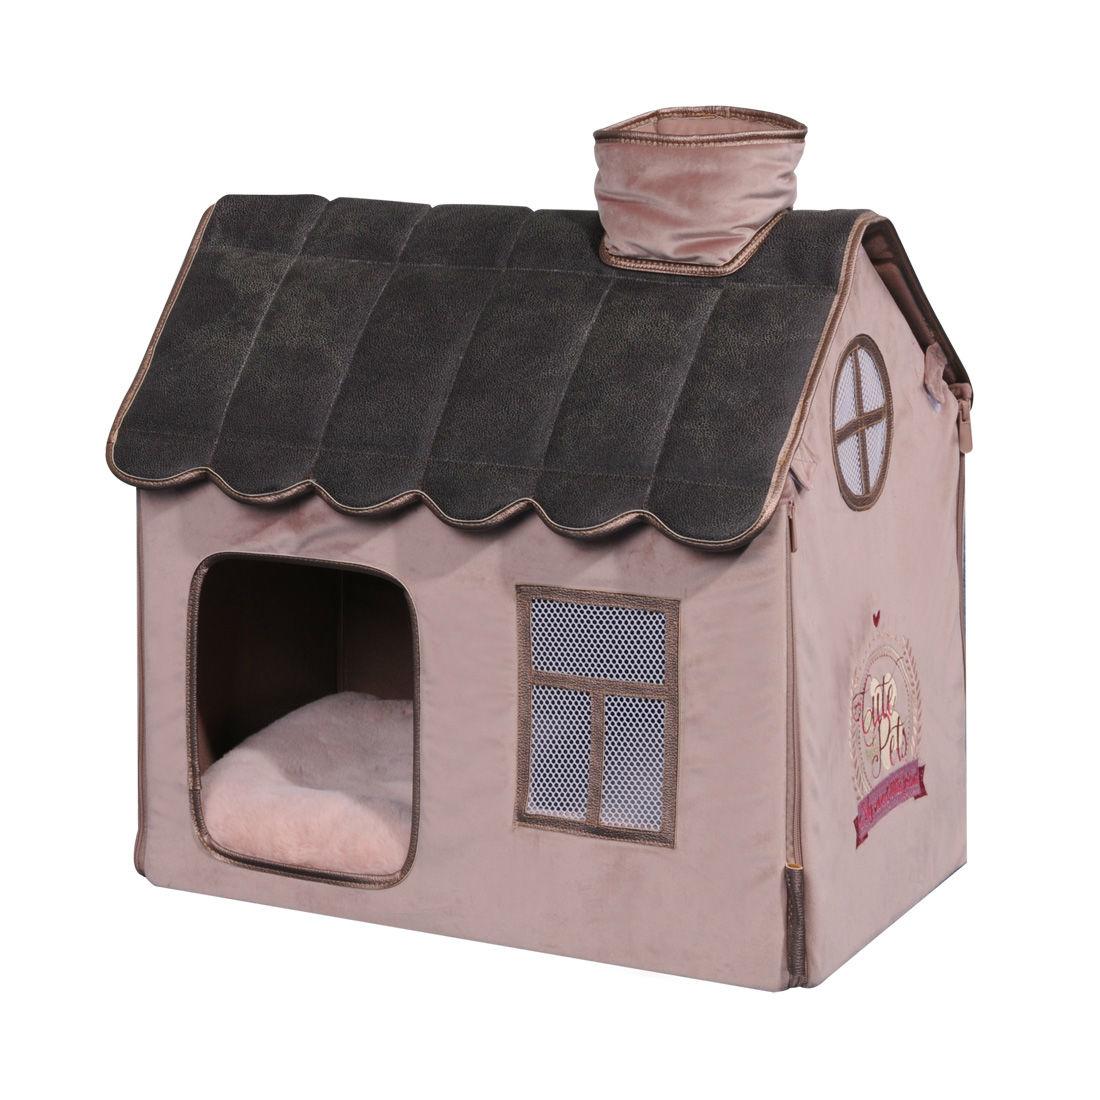 Happy House Haustier-Villa Cute Pets